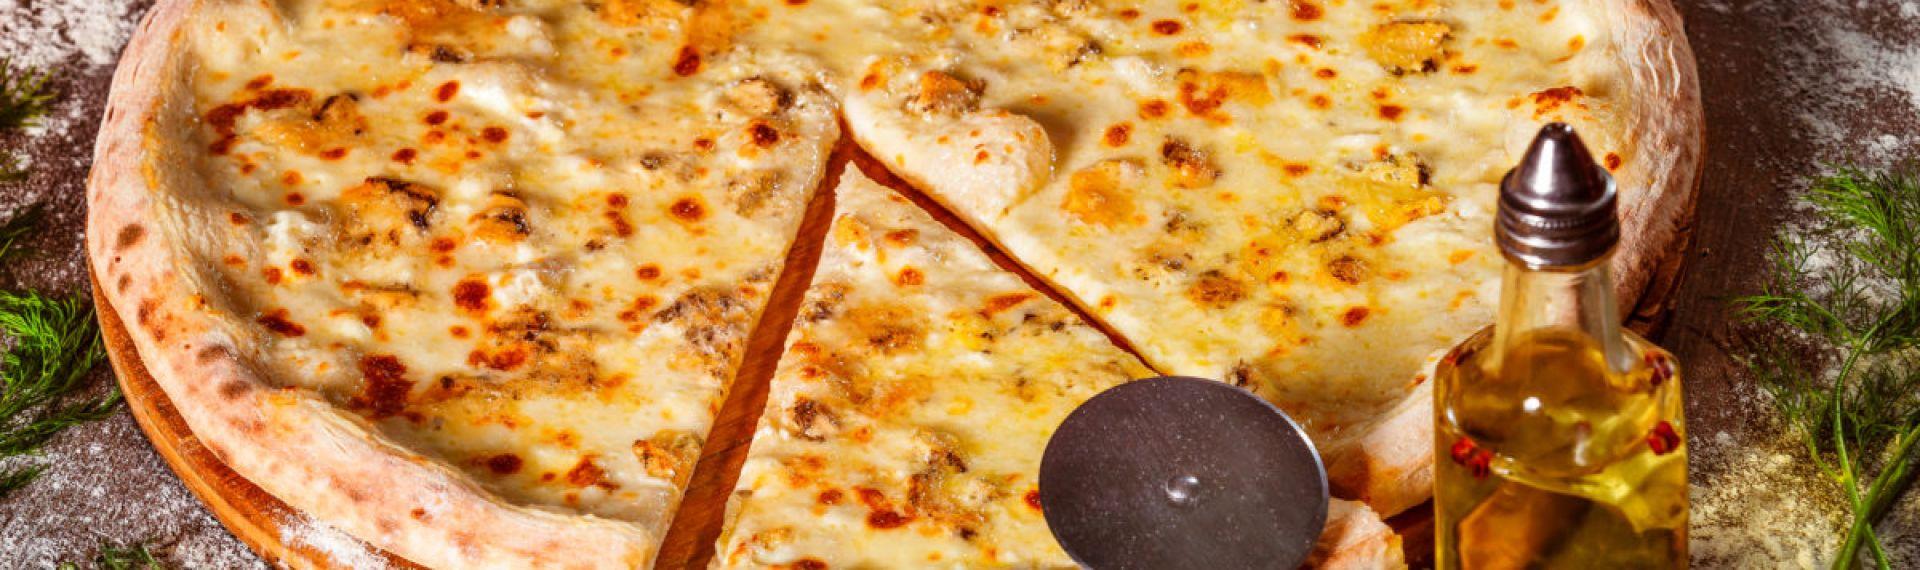 Піца 4 сири: її історія та особливості